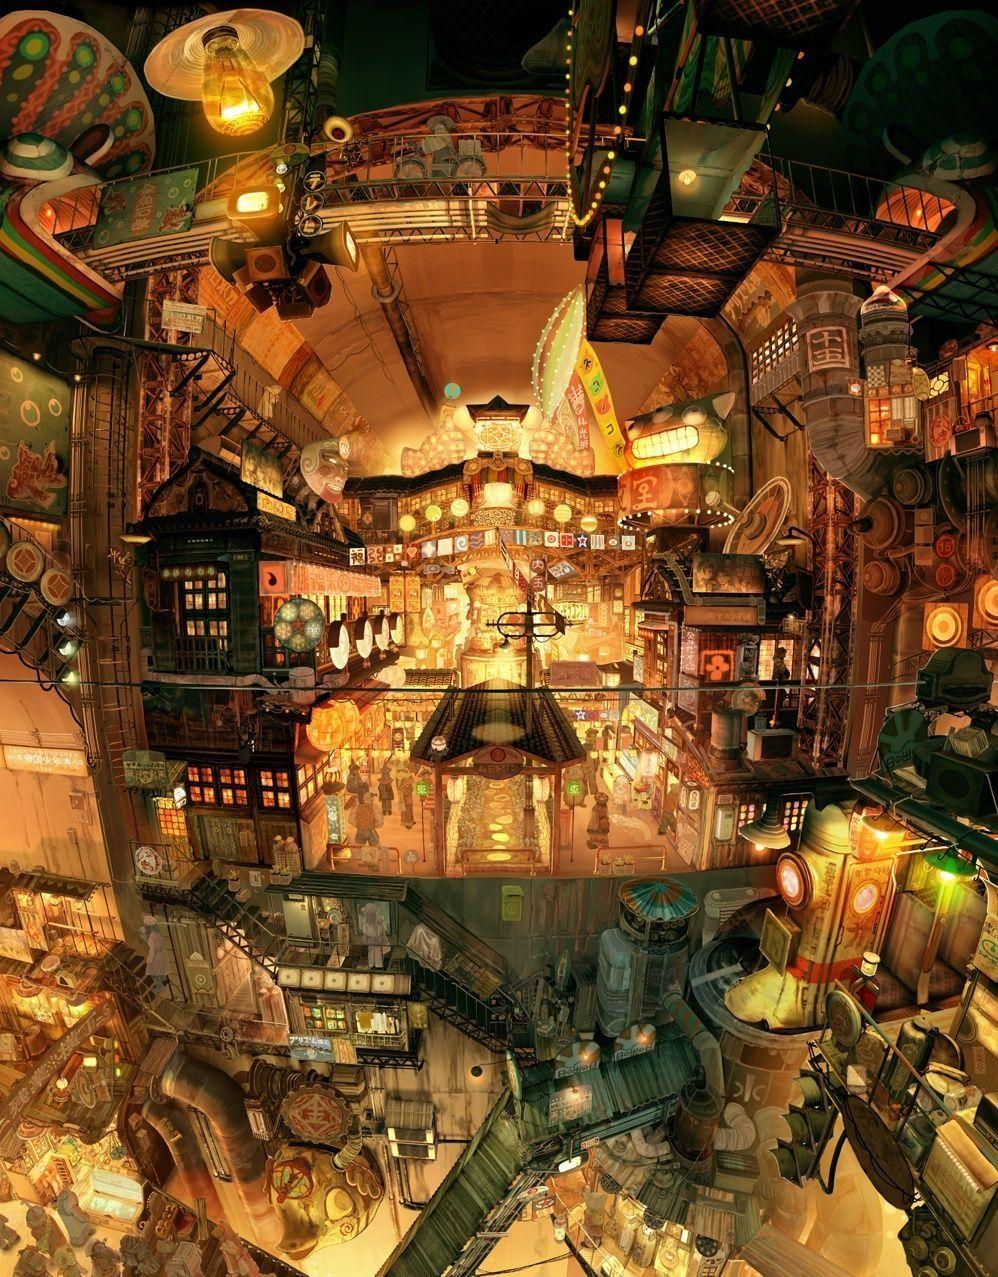 http://livedoor.blogimg.jp/himarin_net/imgs/f/8/f8e251f2.jpg